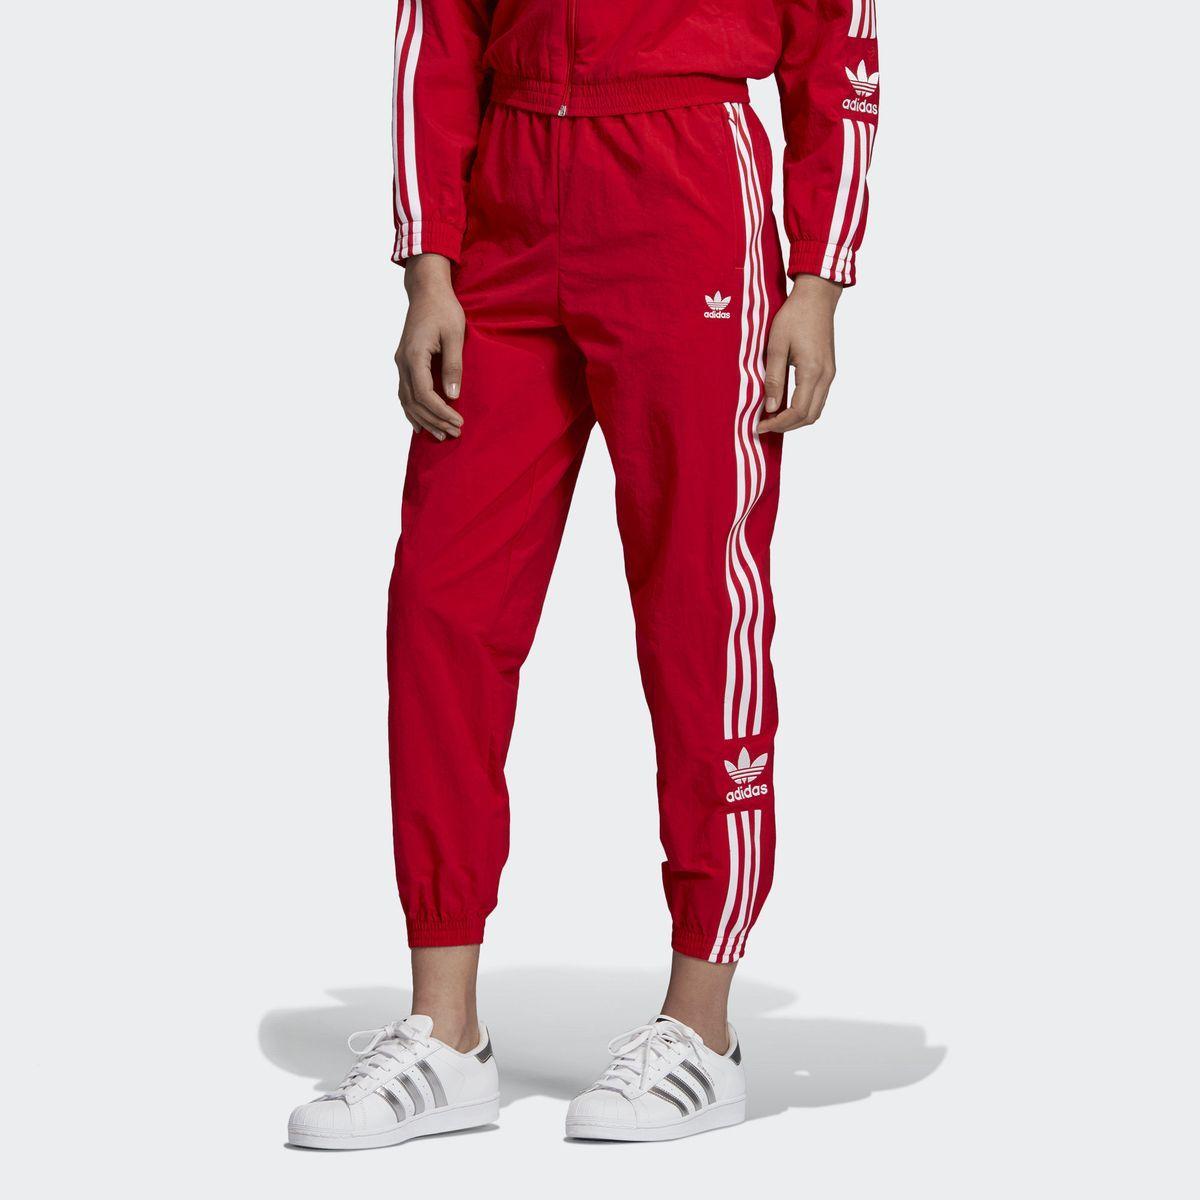 survetement adidas femme ensemble rouge